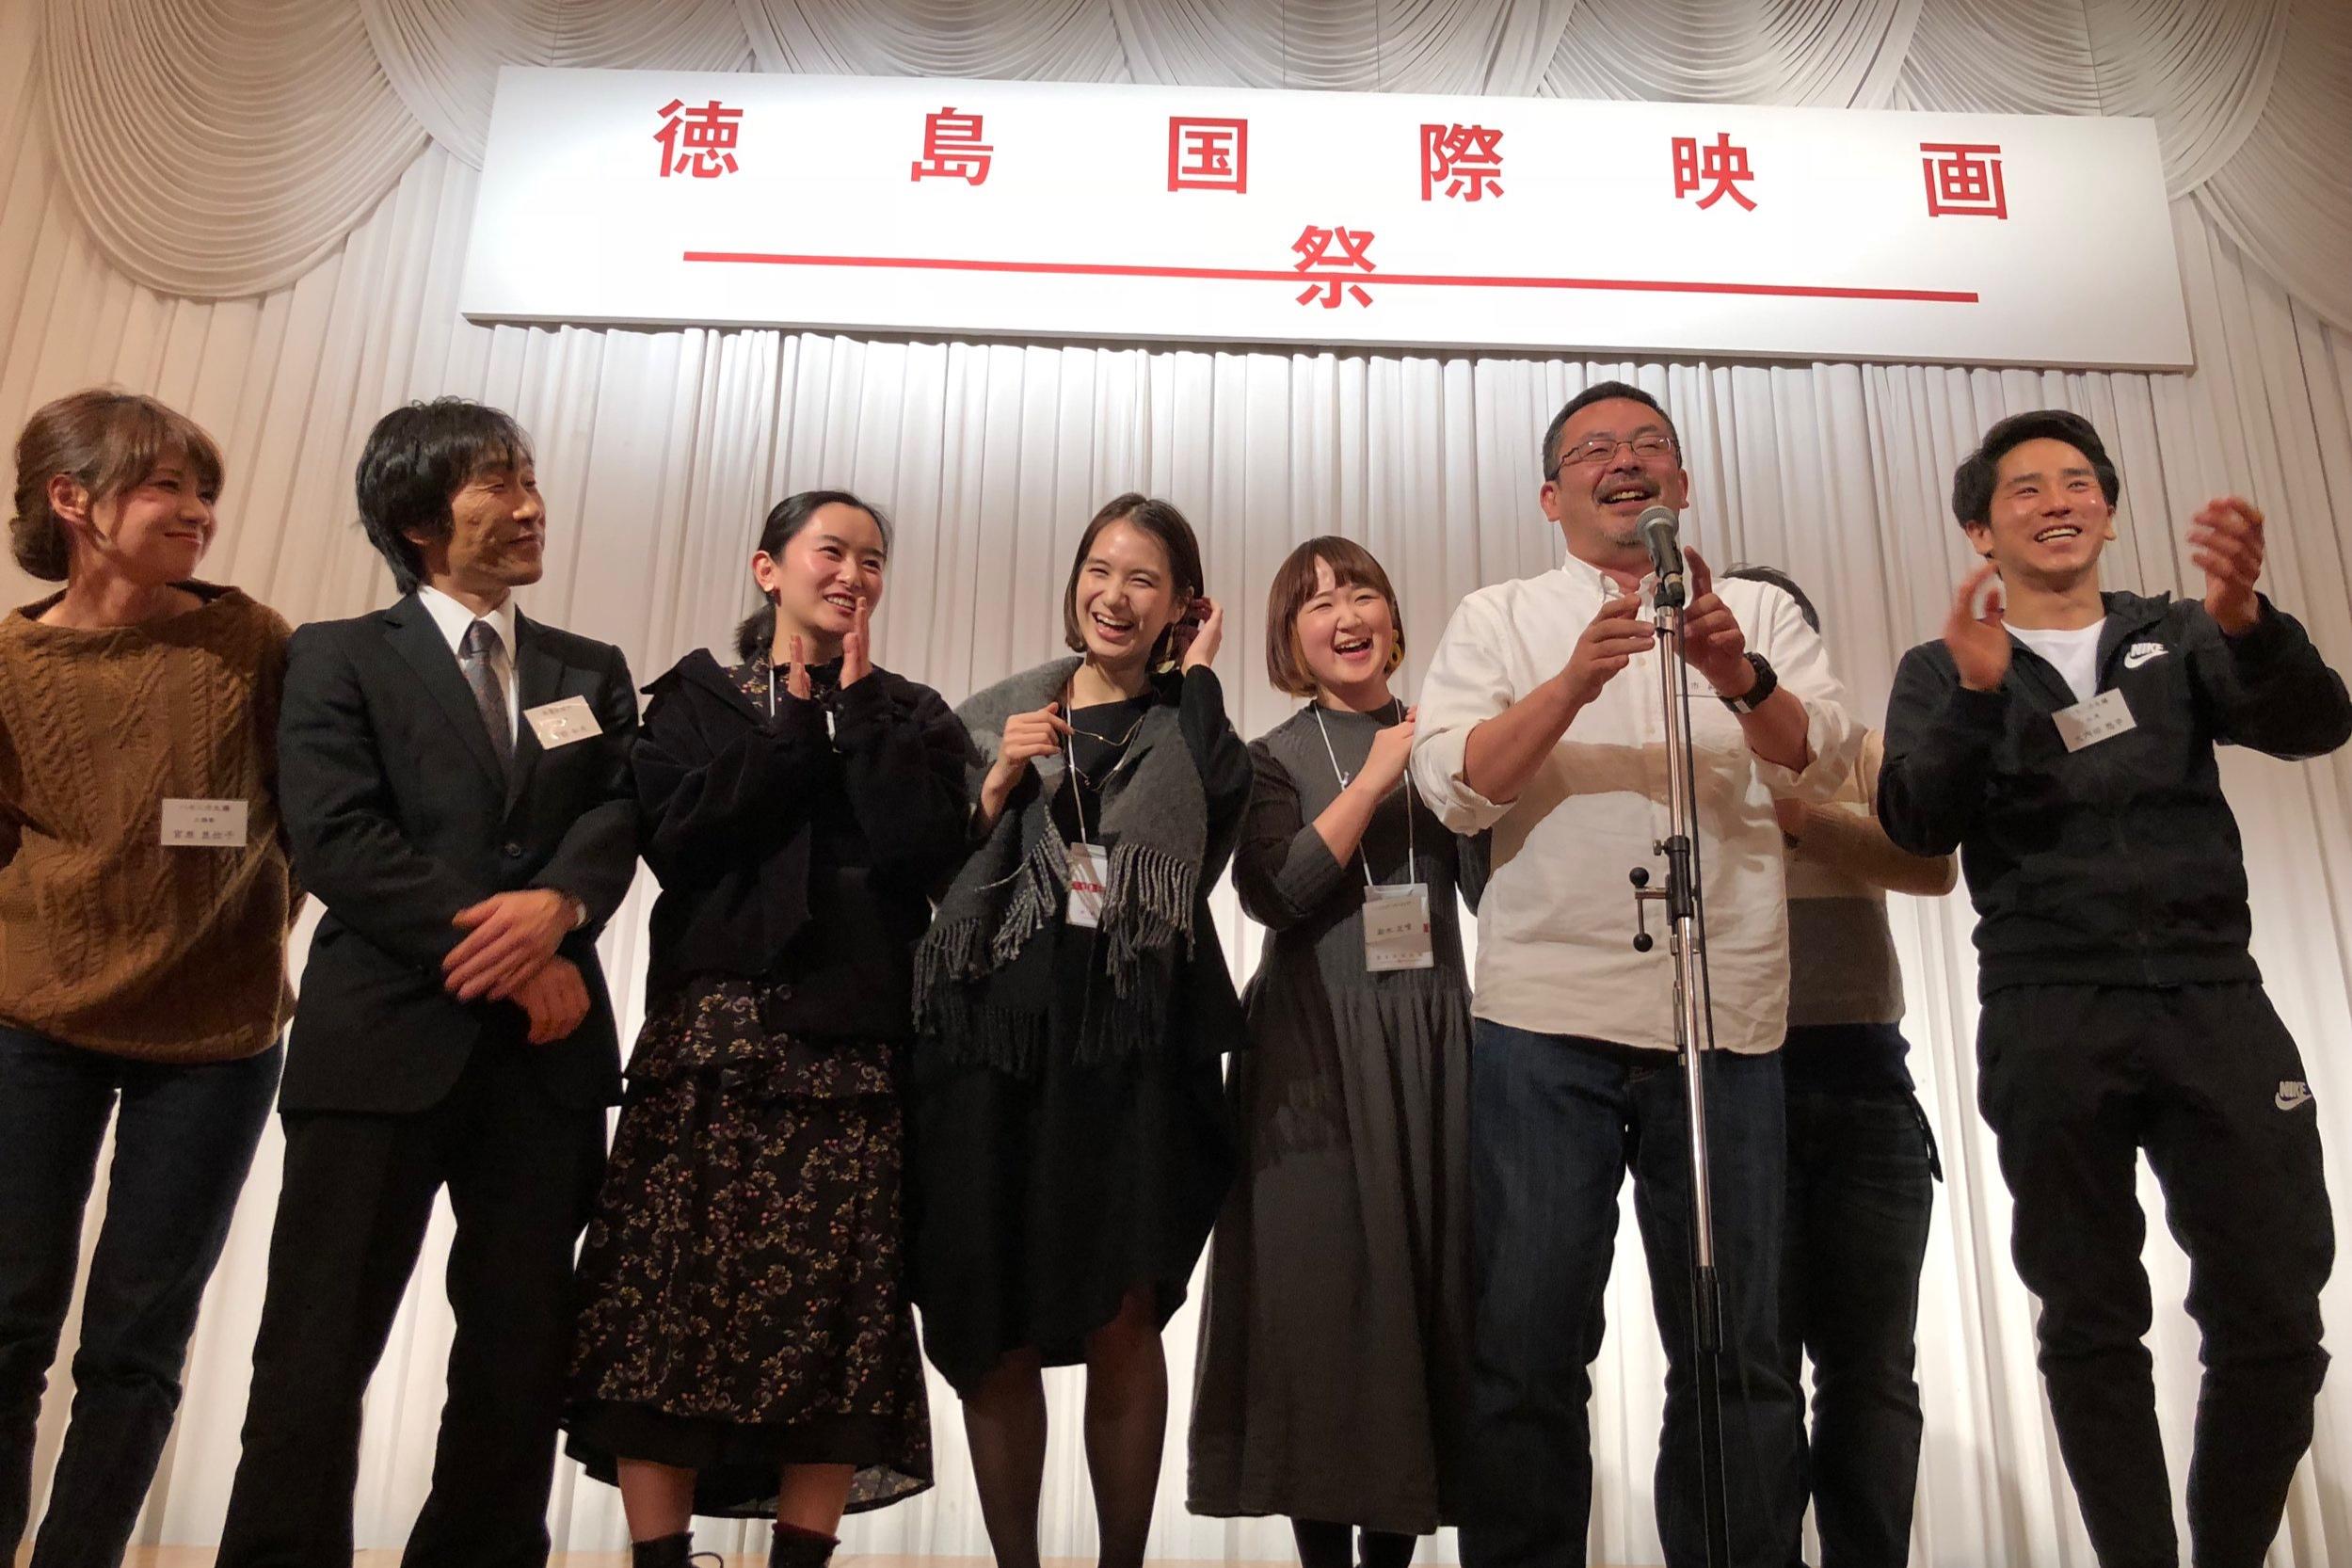 徳島県で開催された徳島国際映画祭のオープニング上映に選定され、挨拶をする俳優陣とスタッフ。